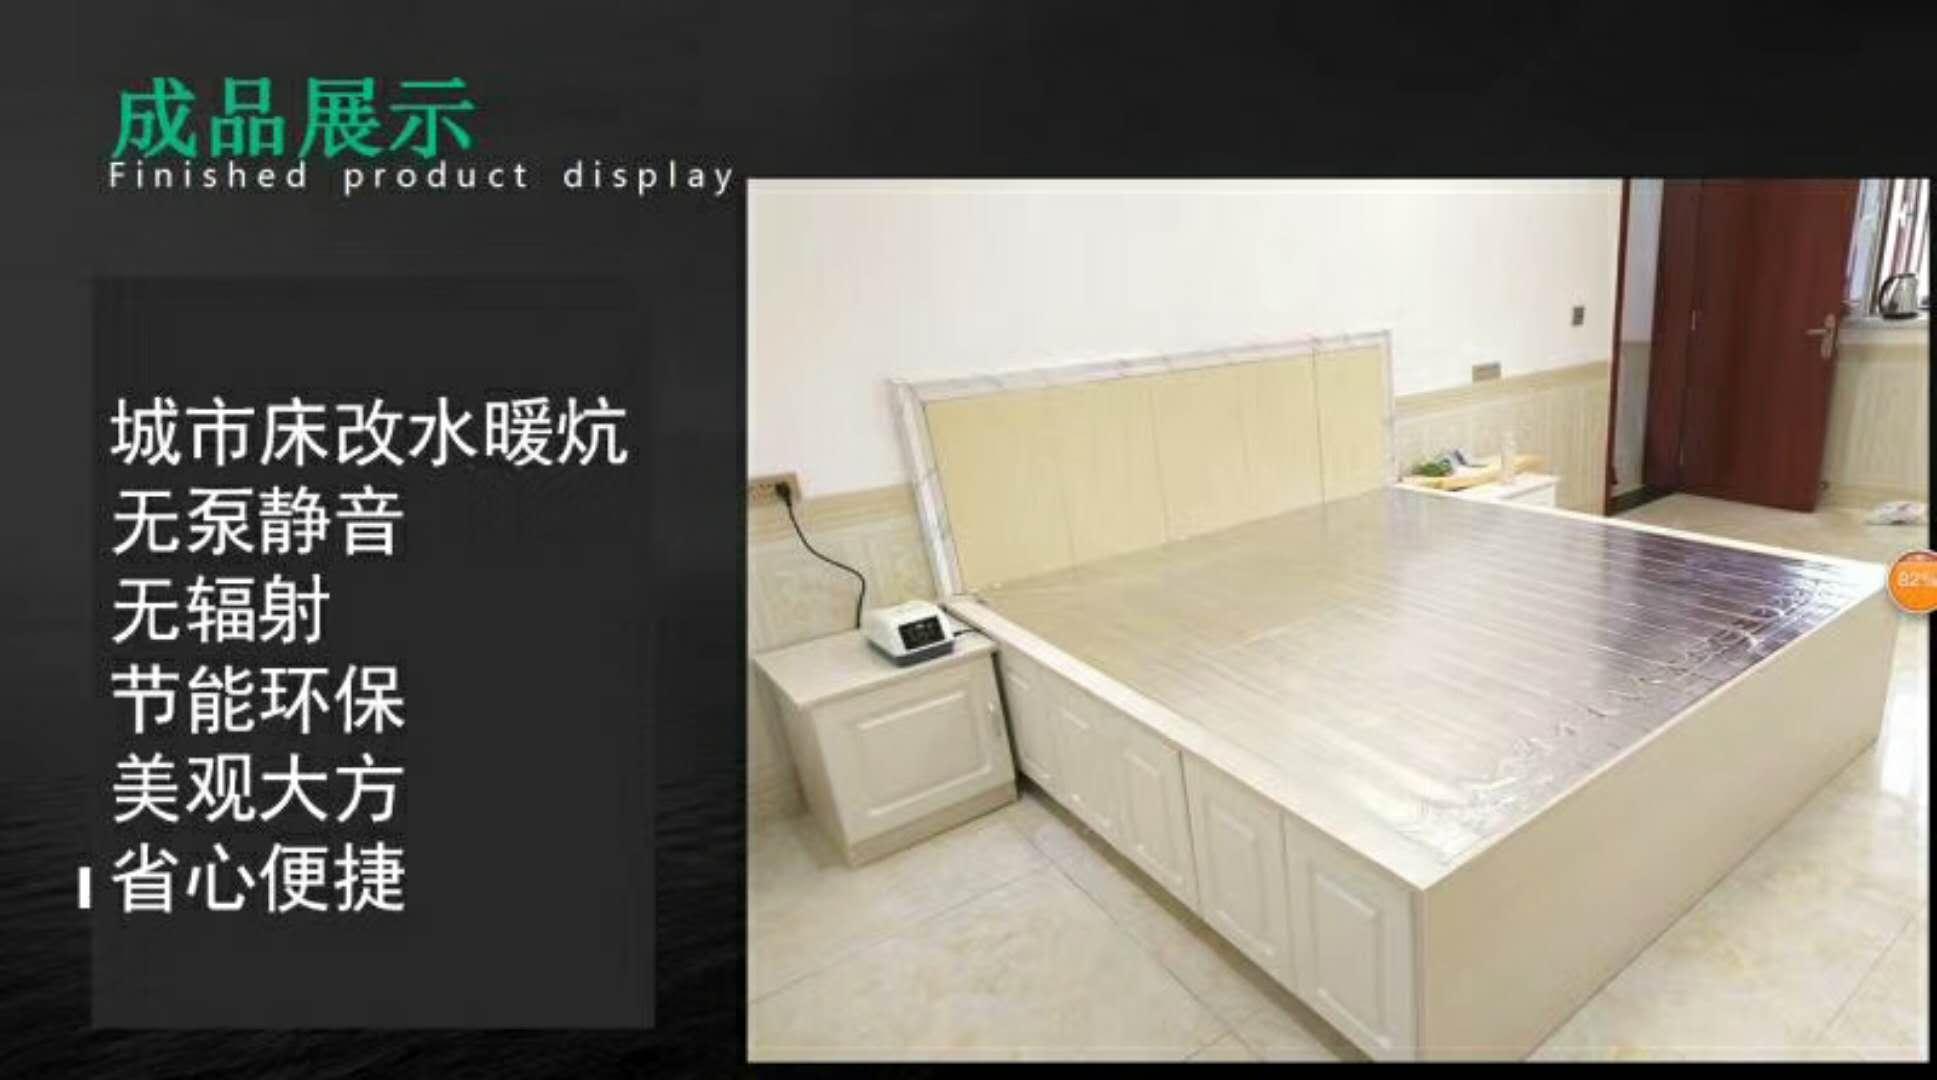 深圳地区销量好的水暖炕供应商    _水暖炕代理加盟